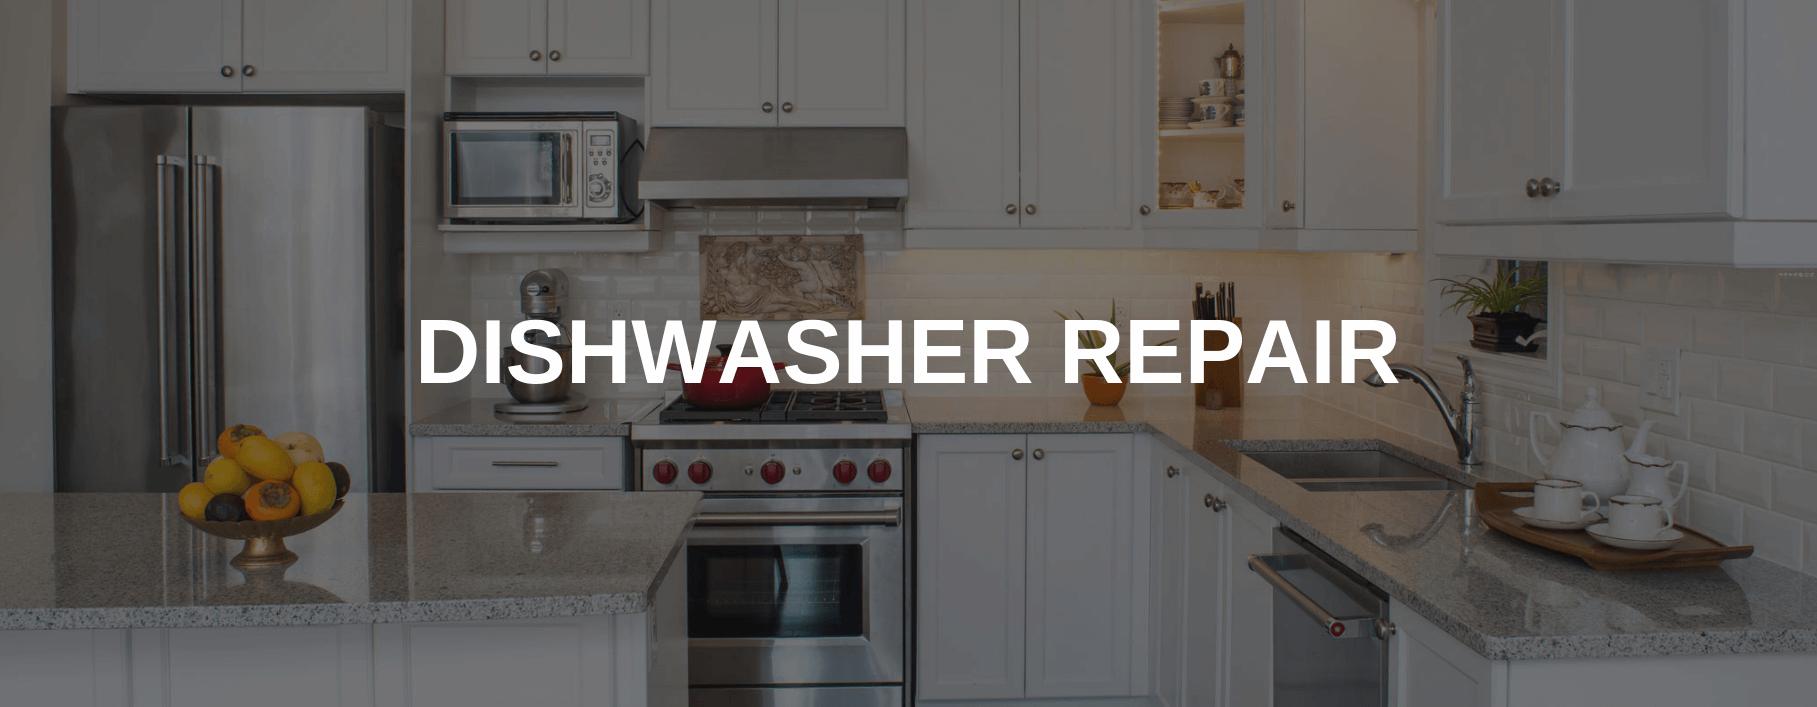 dishwasher repair california